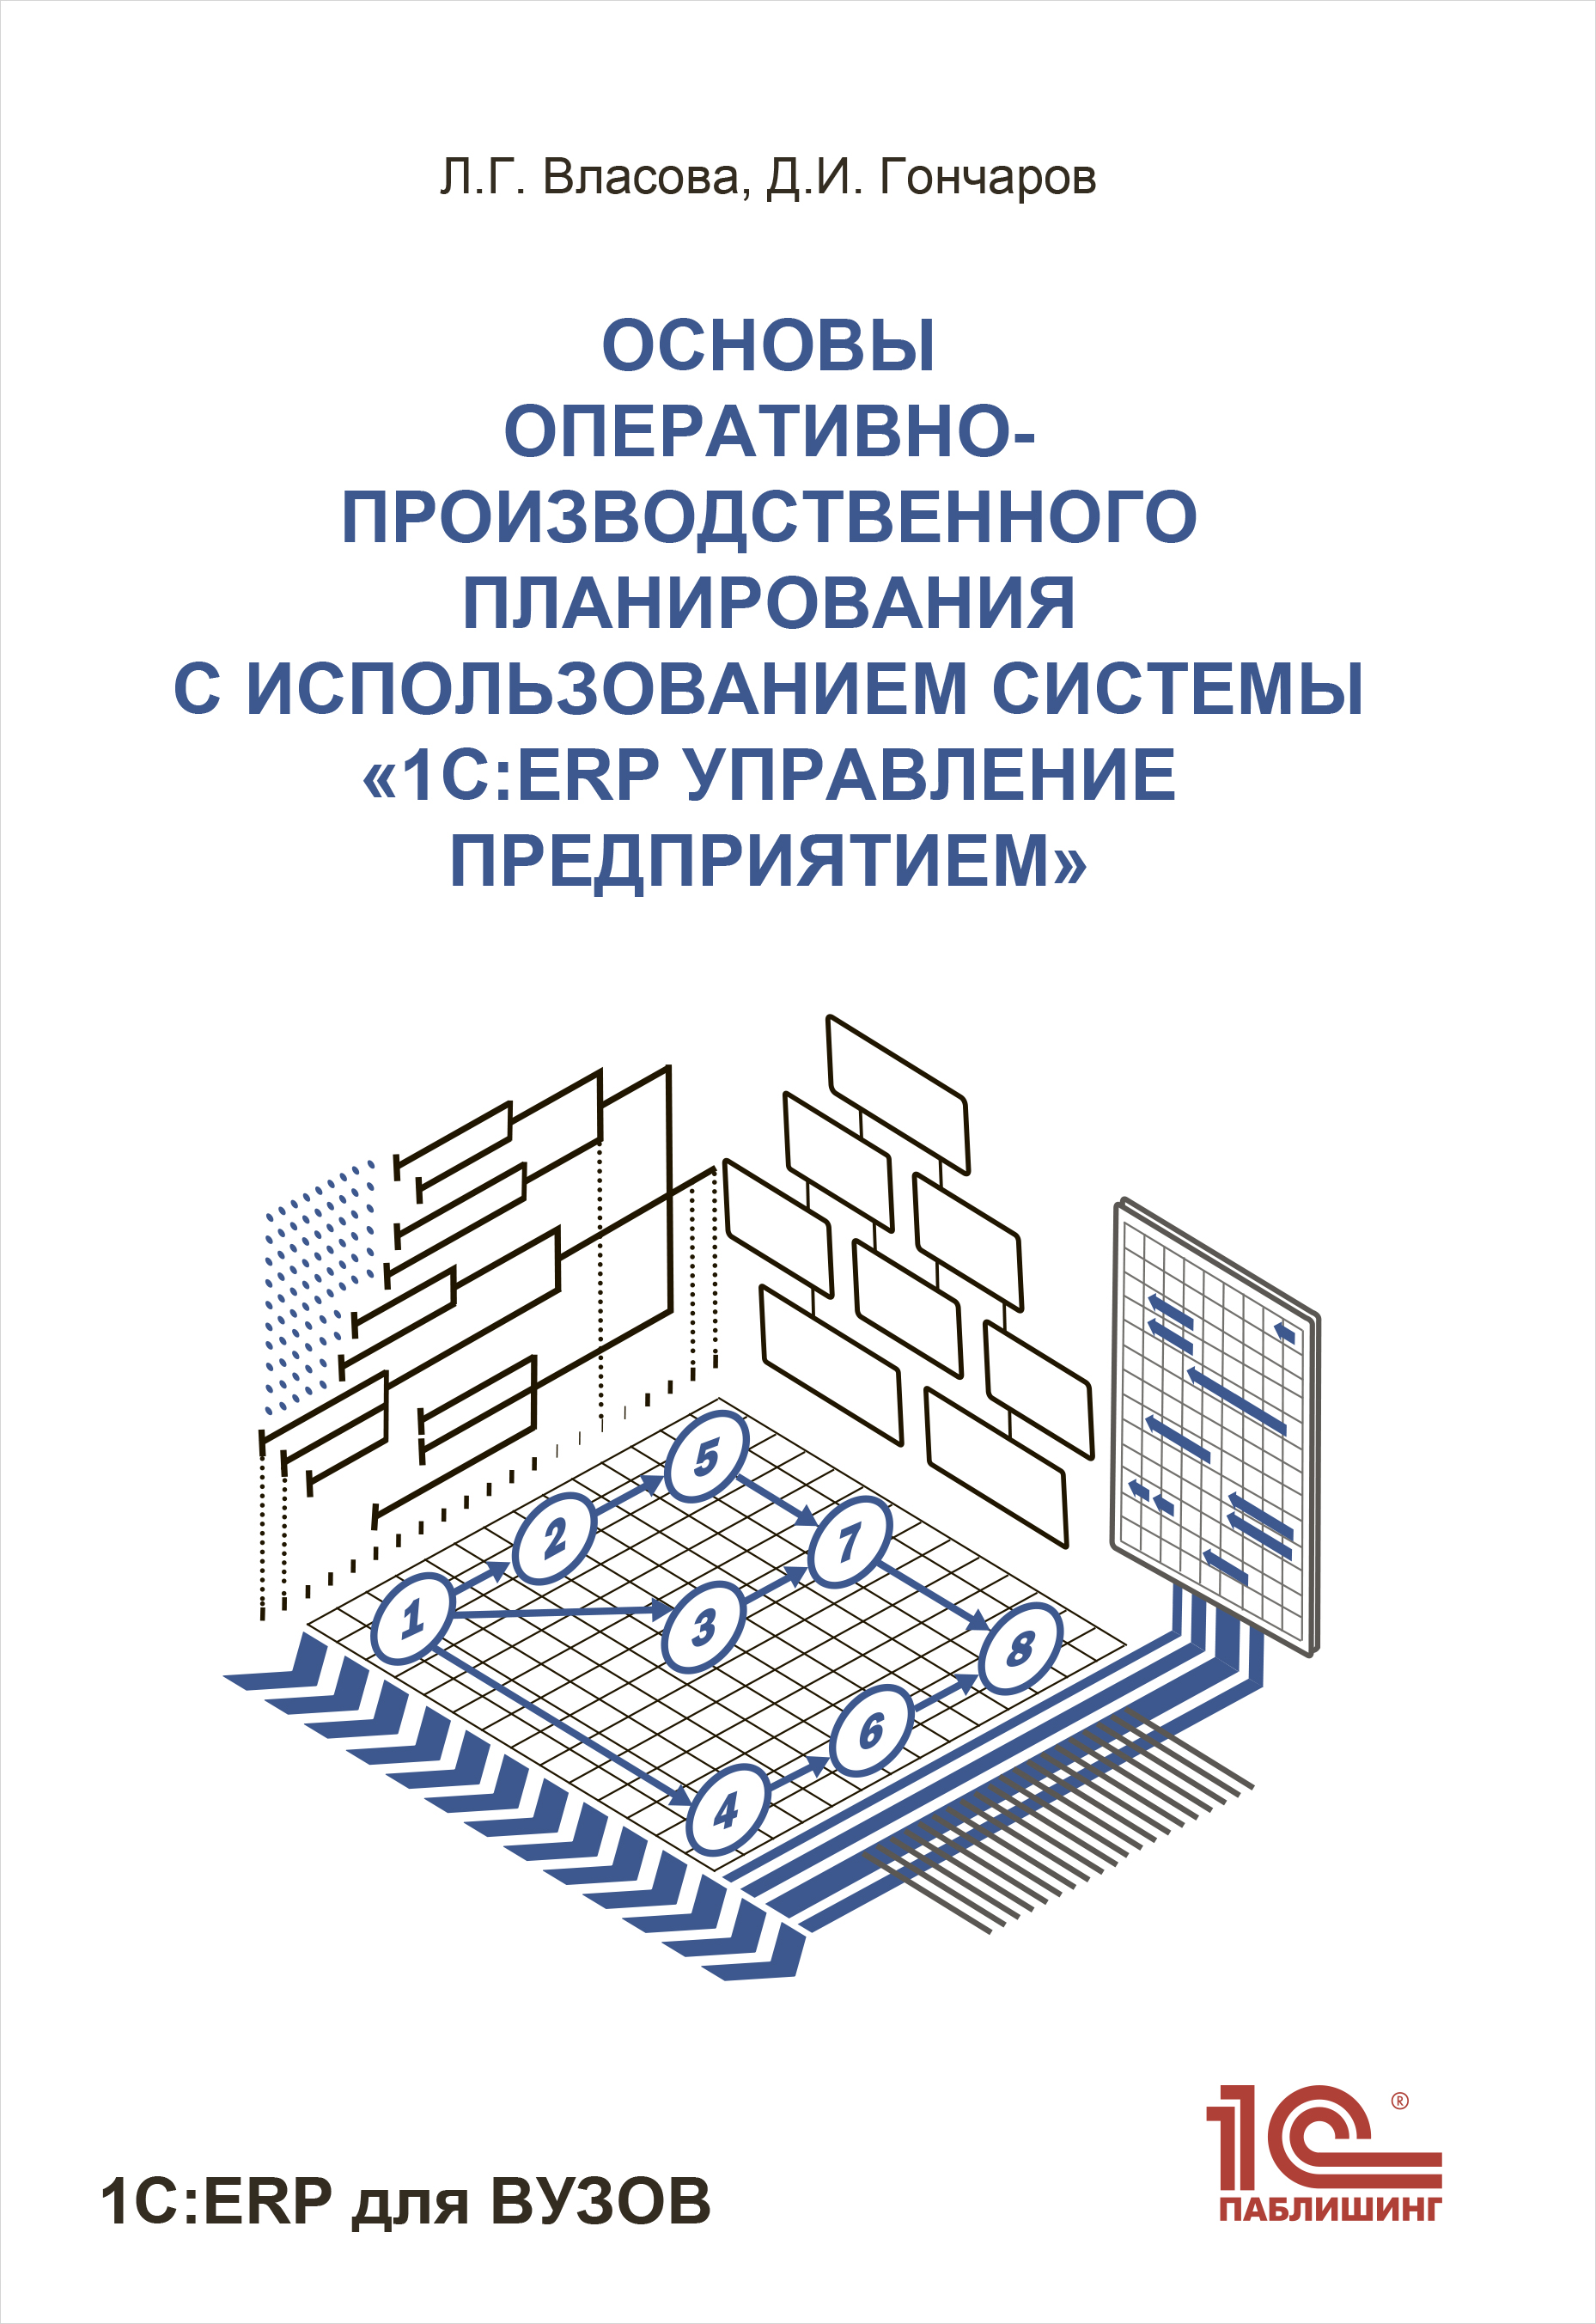 Власова Л.Г., Гончаров Д.И. Основы оперативно-производственного планирования с использованием информационной системы 1С:ERP Управление предприятием